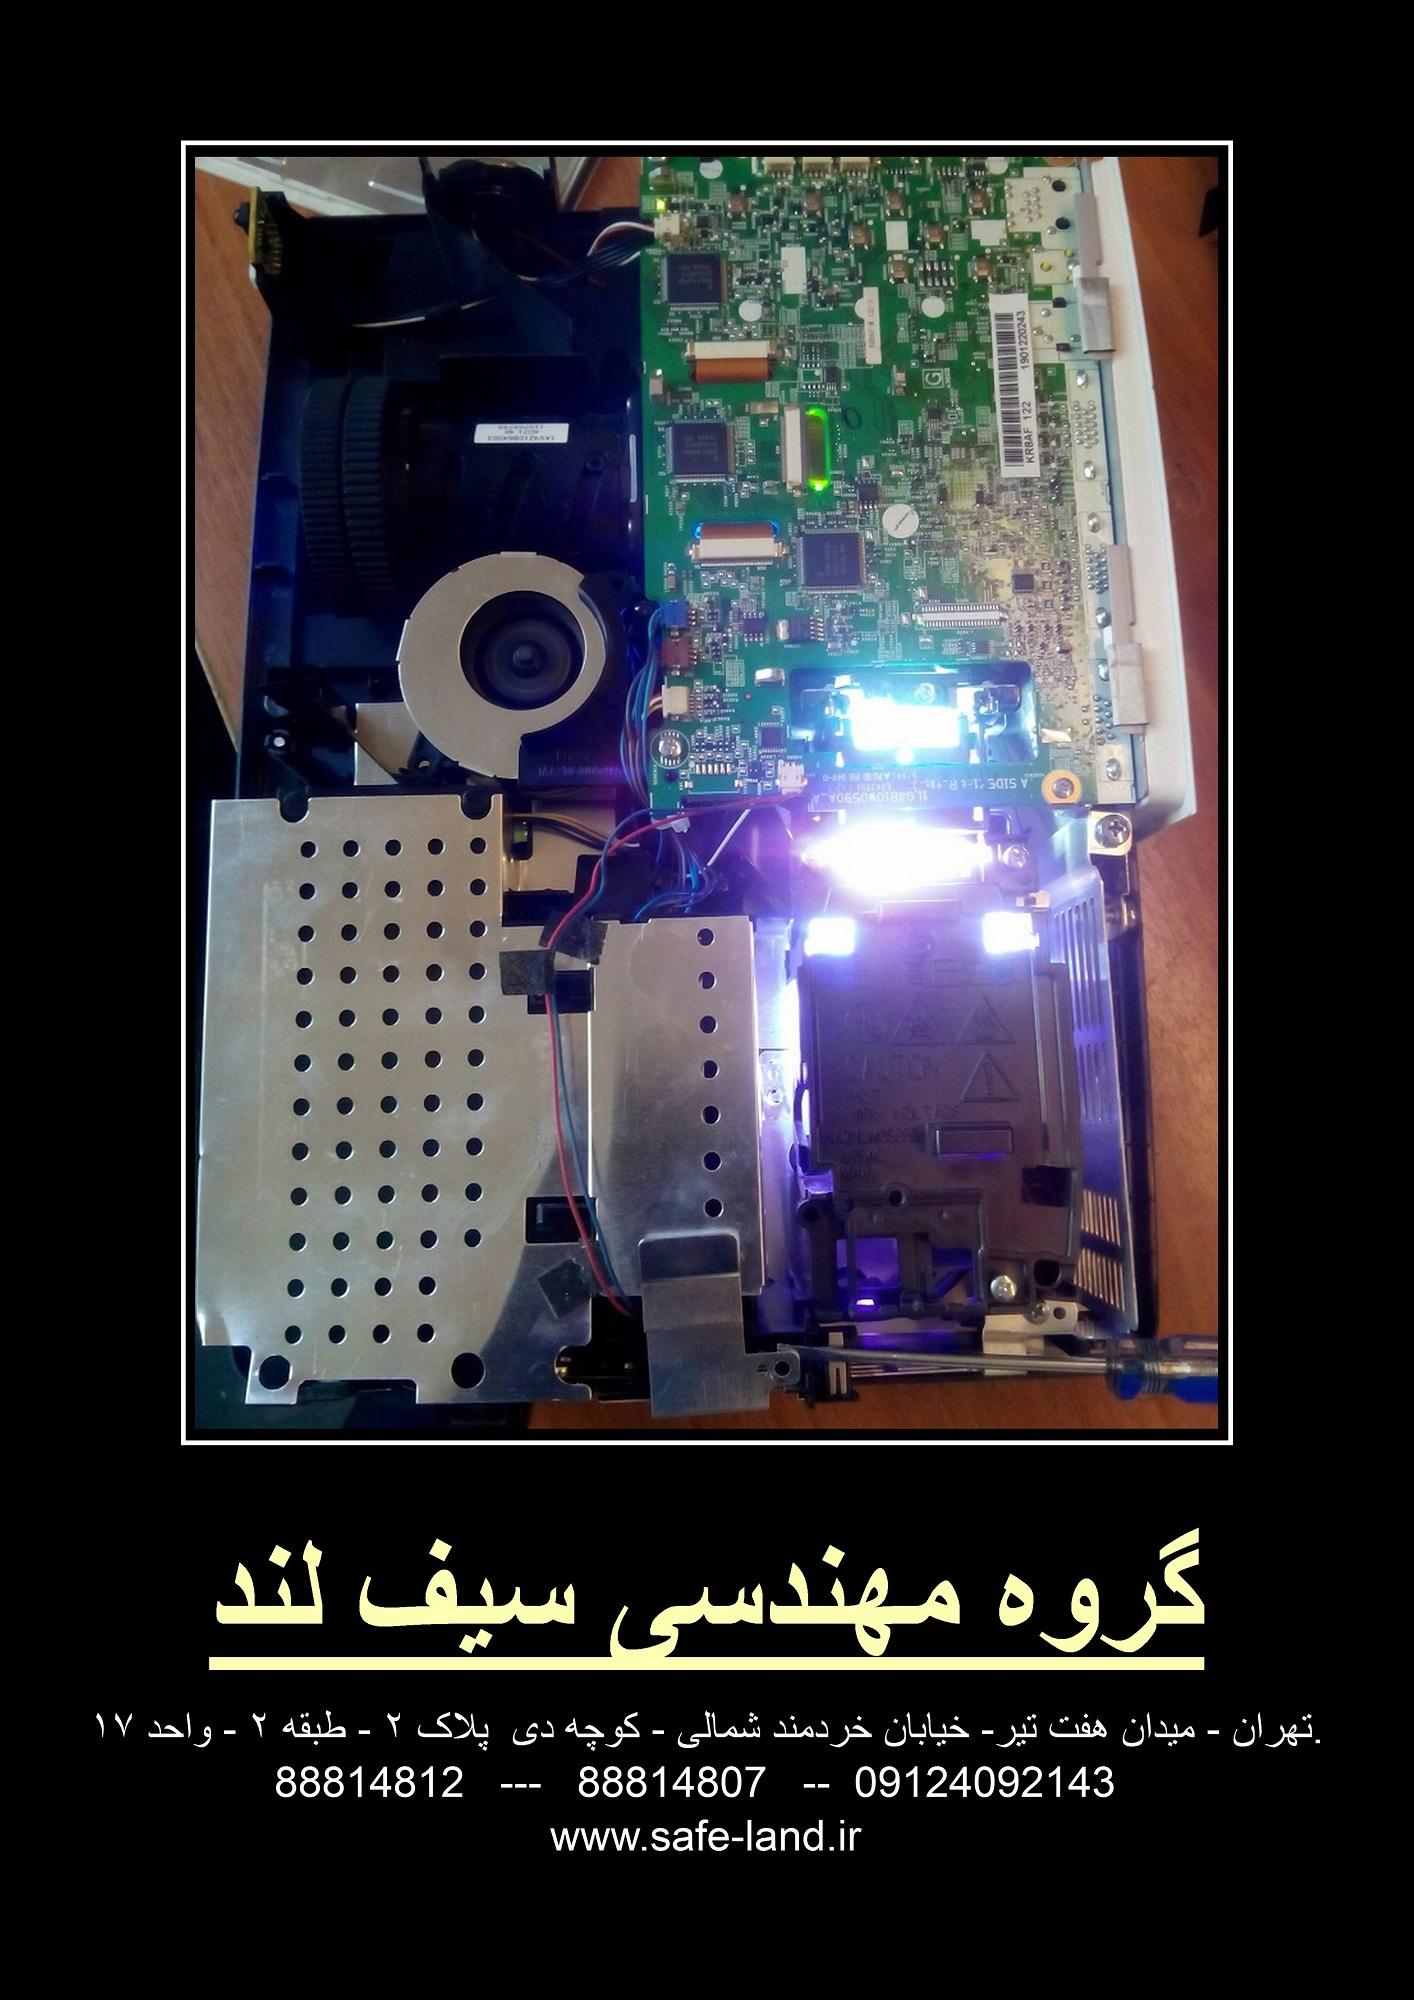 تعمیر انواع ویدئو پروژکتور دیتا  گروه مهندسی سیف لند4